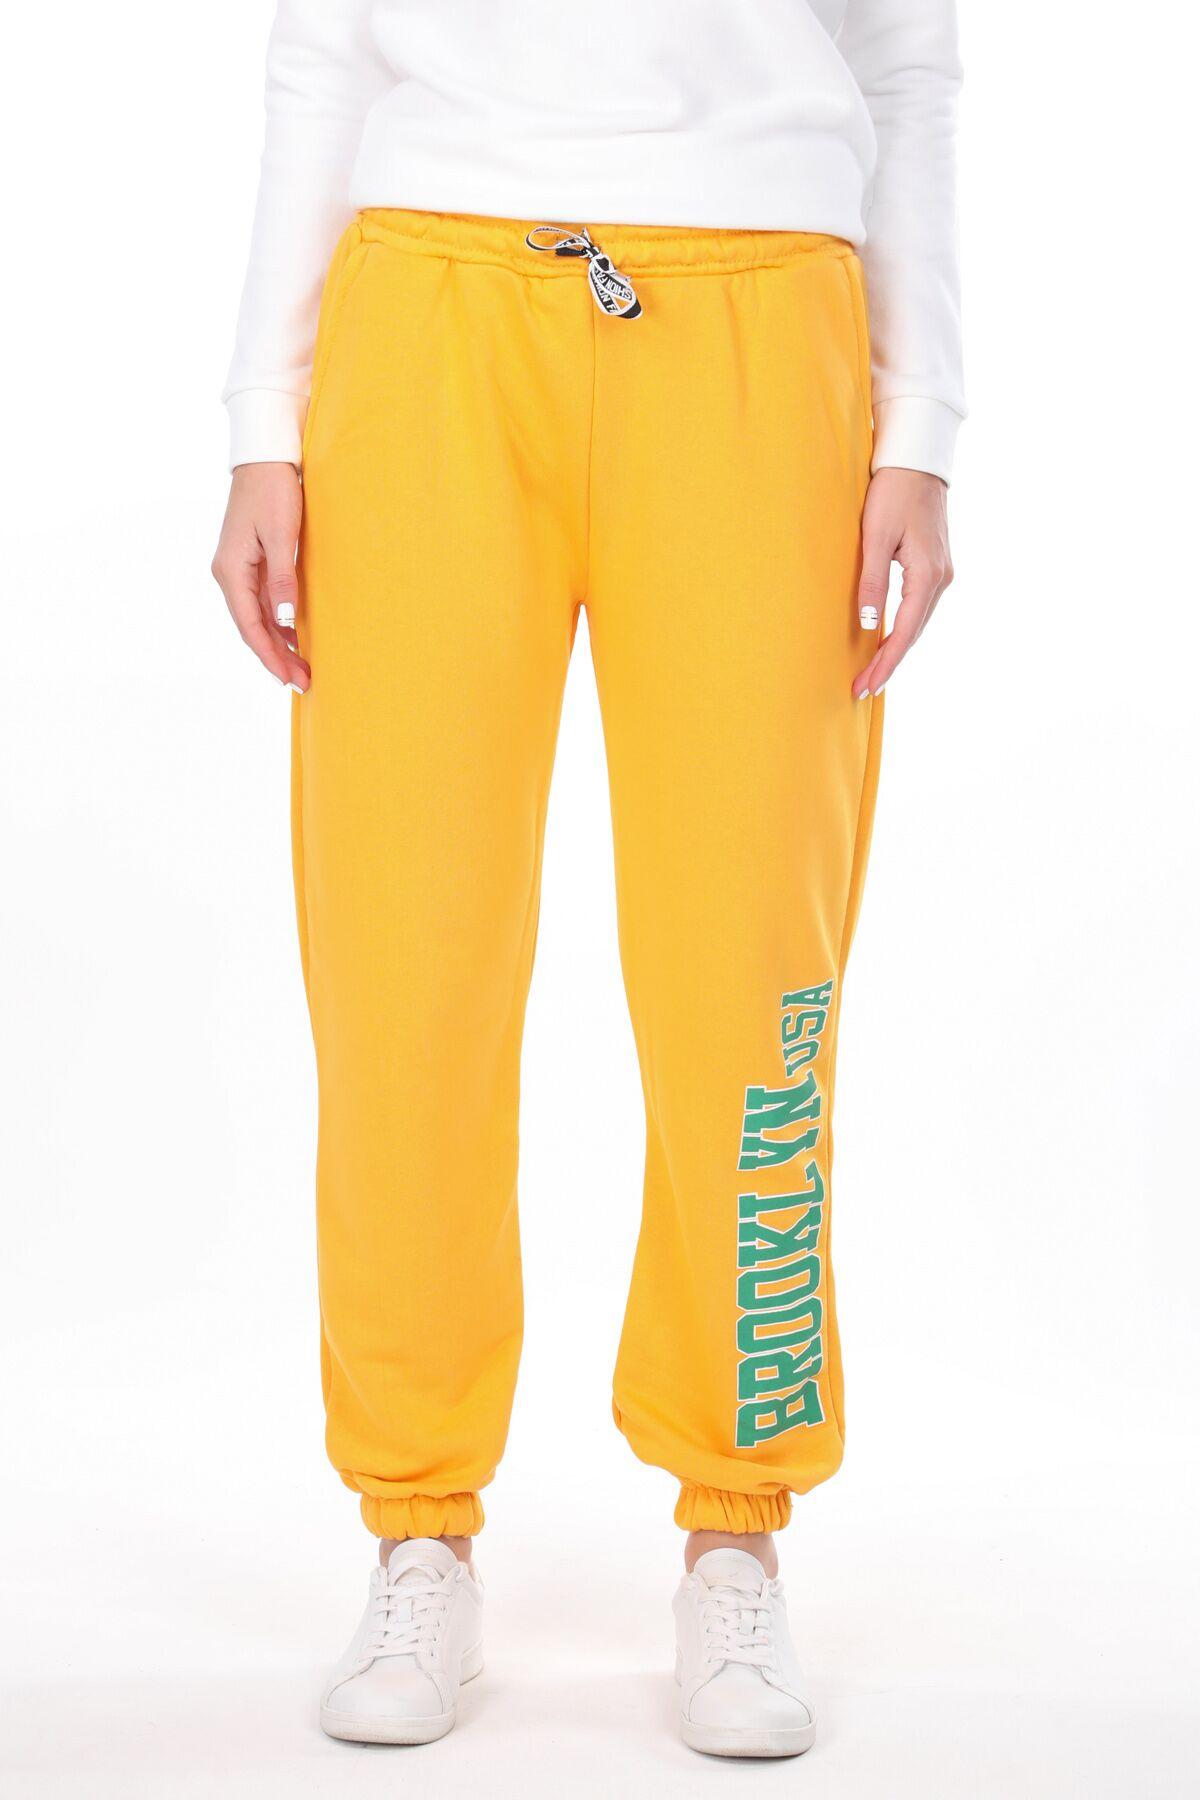 Эластичные желтые женские спортивные штаны с принтом Brooklyn